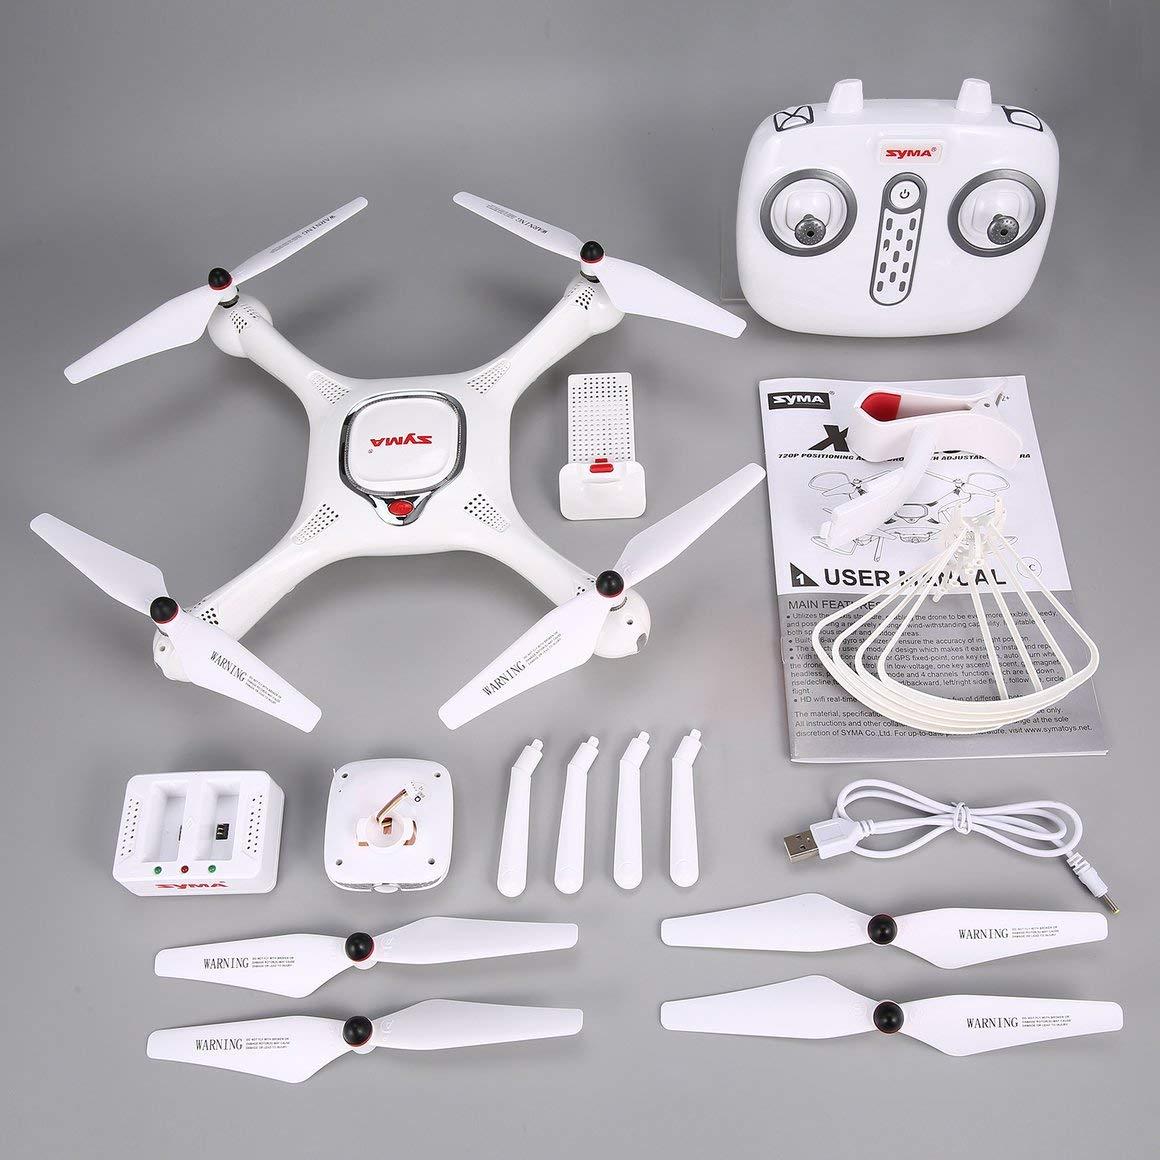 Funnyrunstore Syma X25PRO 2.4G GPS Positionierung FPV RC Drone Quadcopter mit 720 P HD Wifi Einstellbare Kamera Höhe Halten Follow Me Geschenk (Farbe: Weiß)